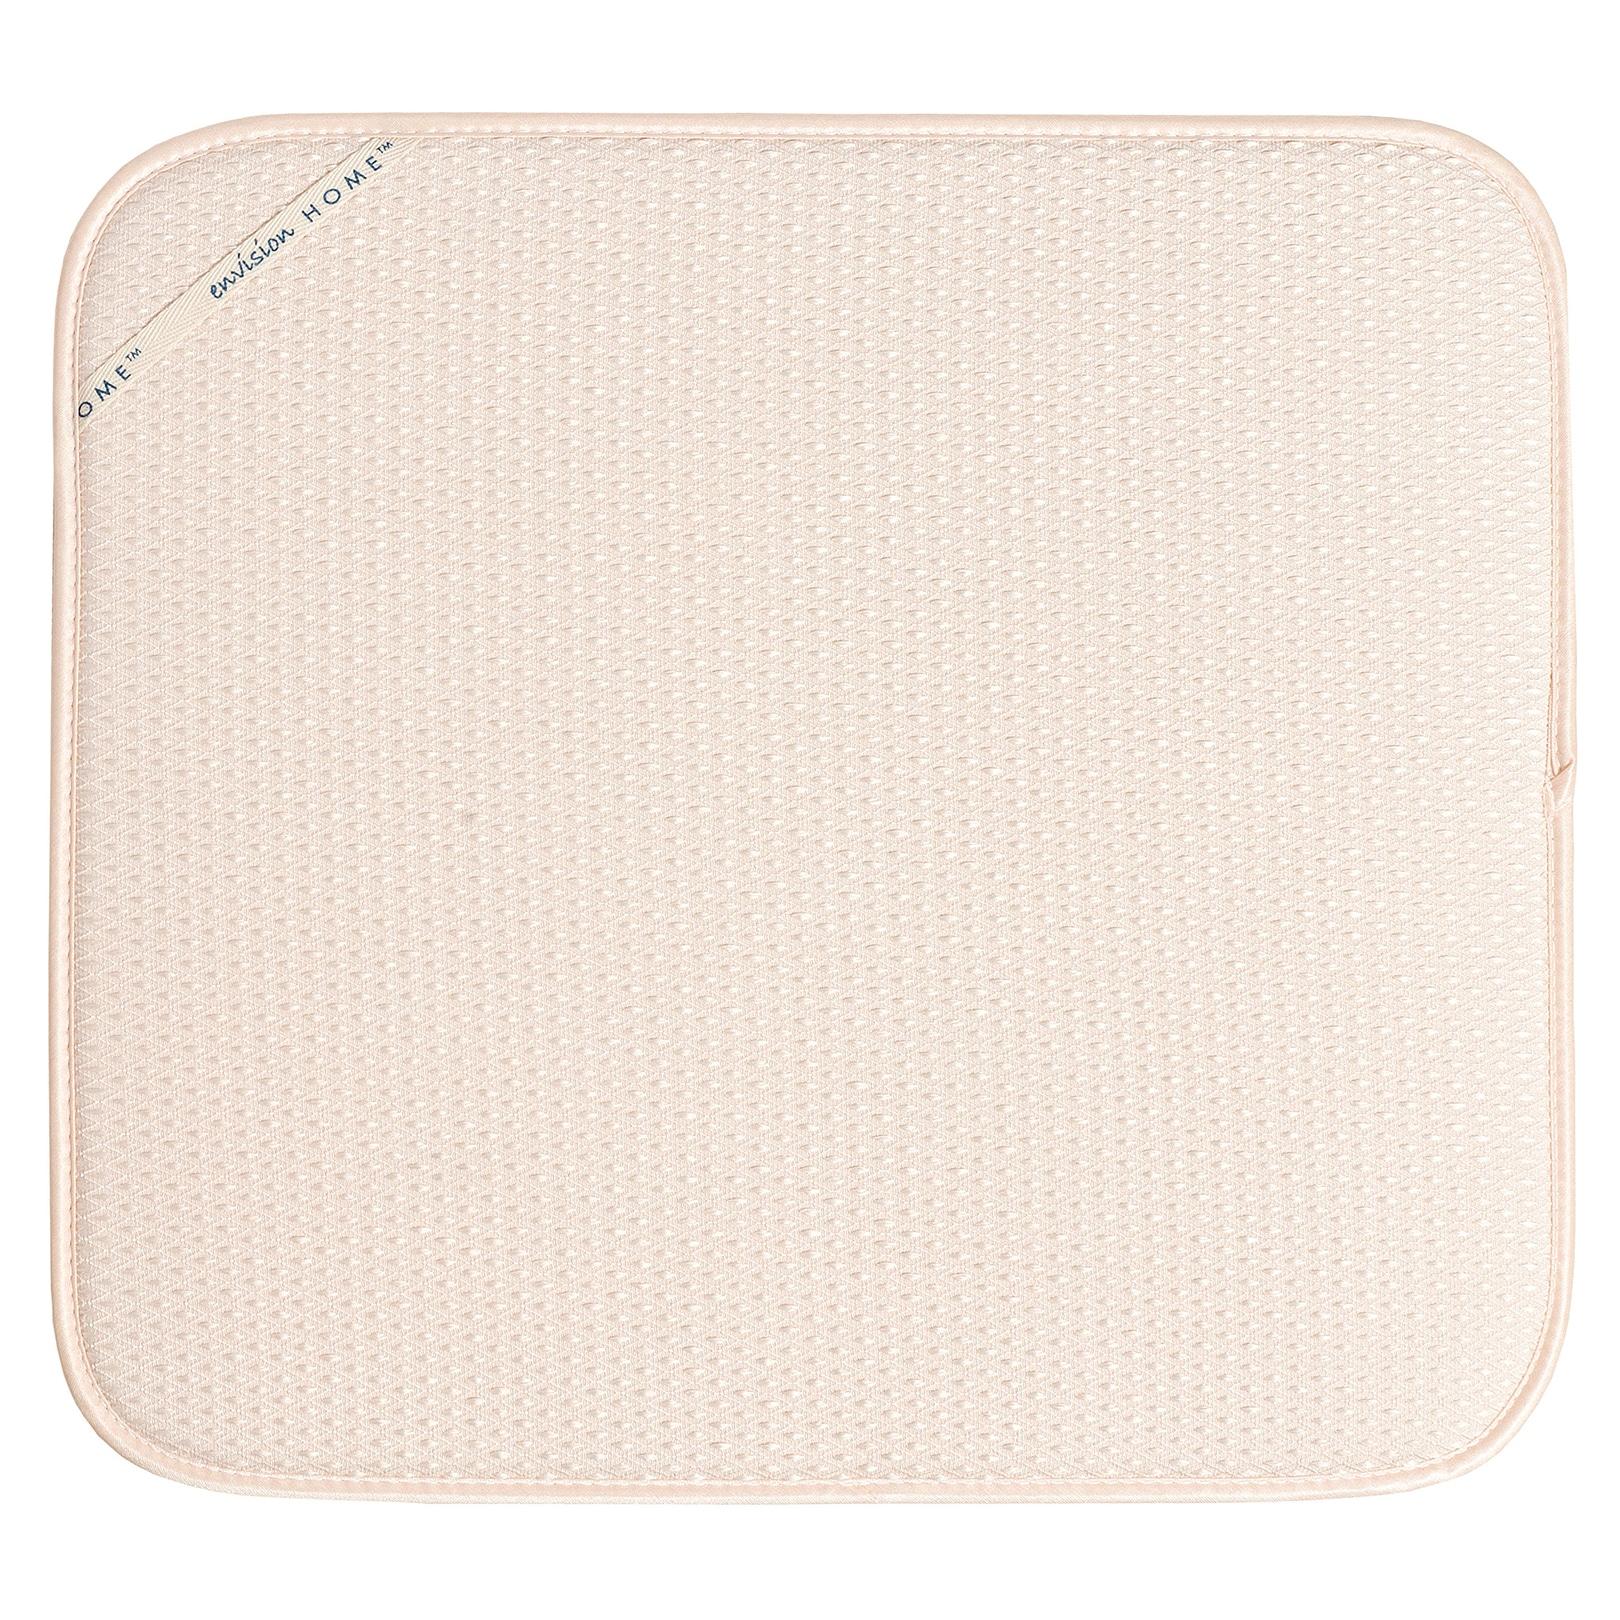 """Fox Run 41351 16"""" X 18"""" Cream (Ivory) Dish Drying Mat (16..."""